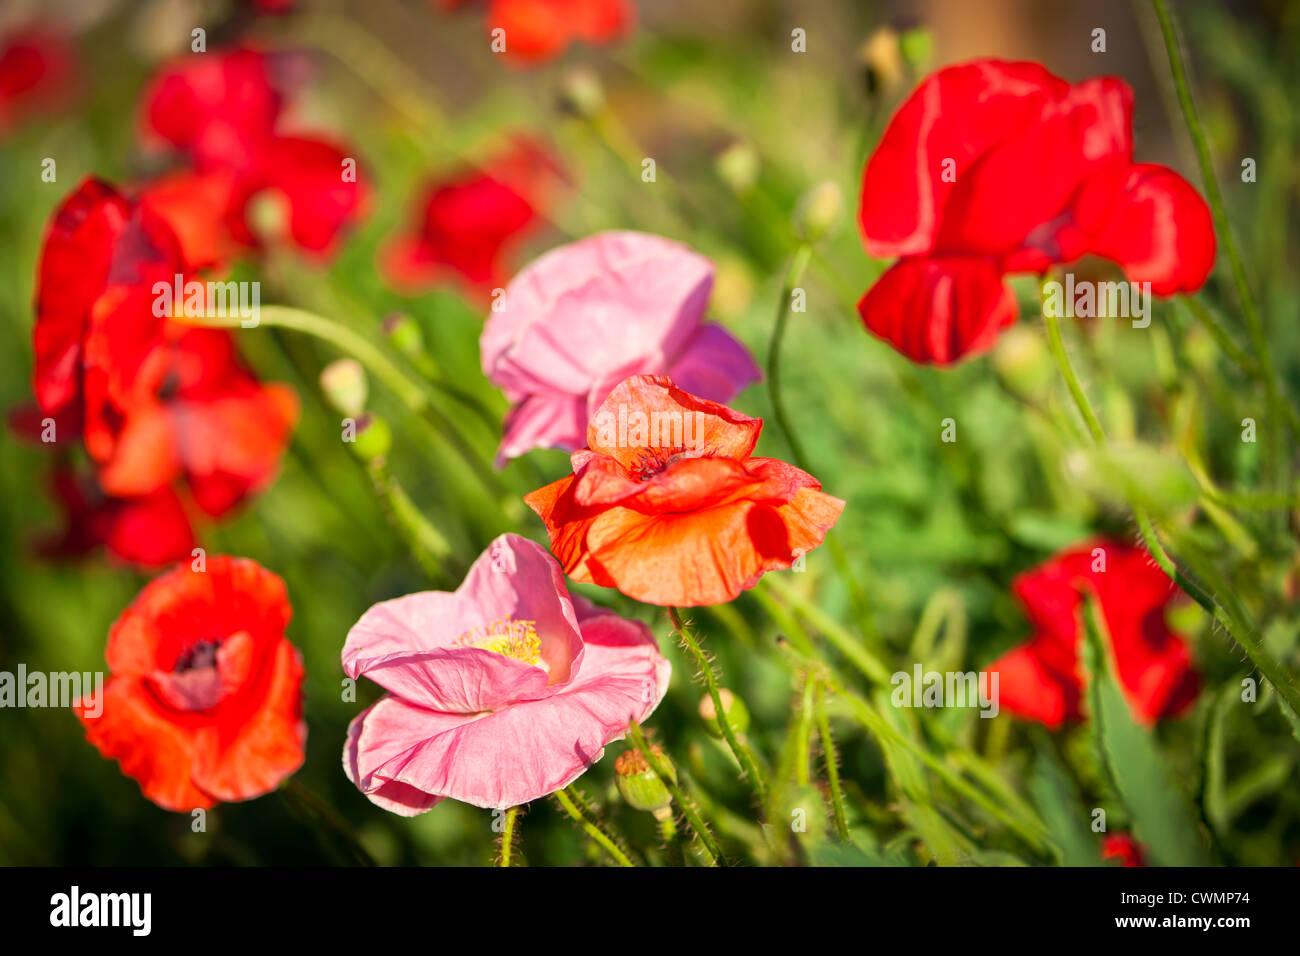 Rosso e Rosa Papaveri in giardino estivo Immagini Stock